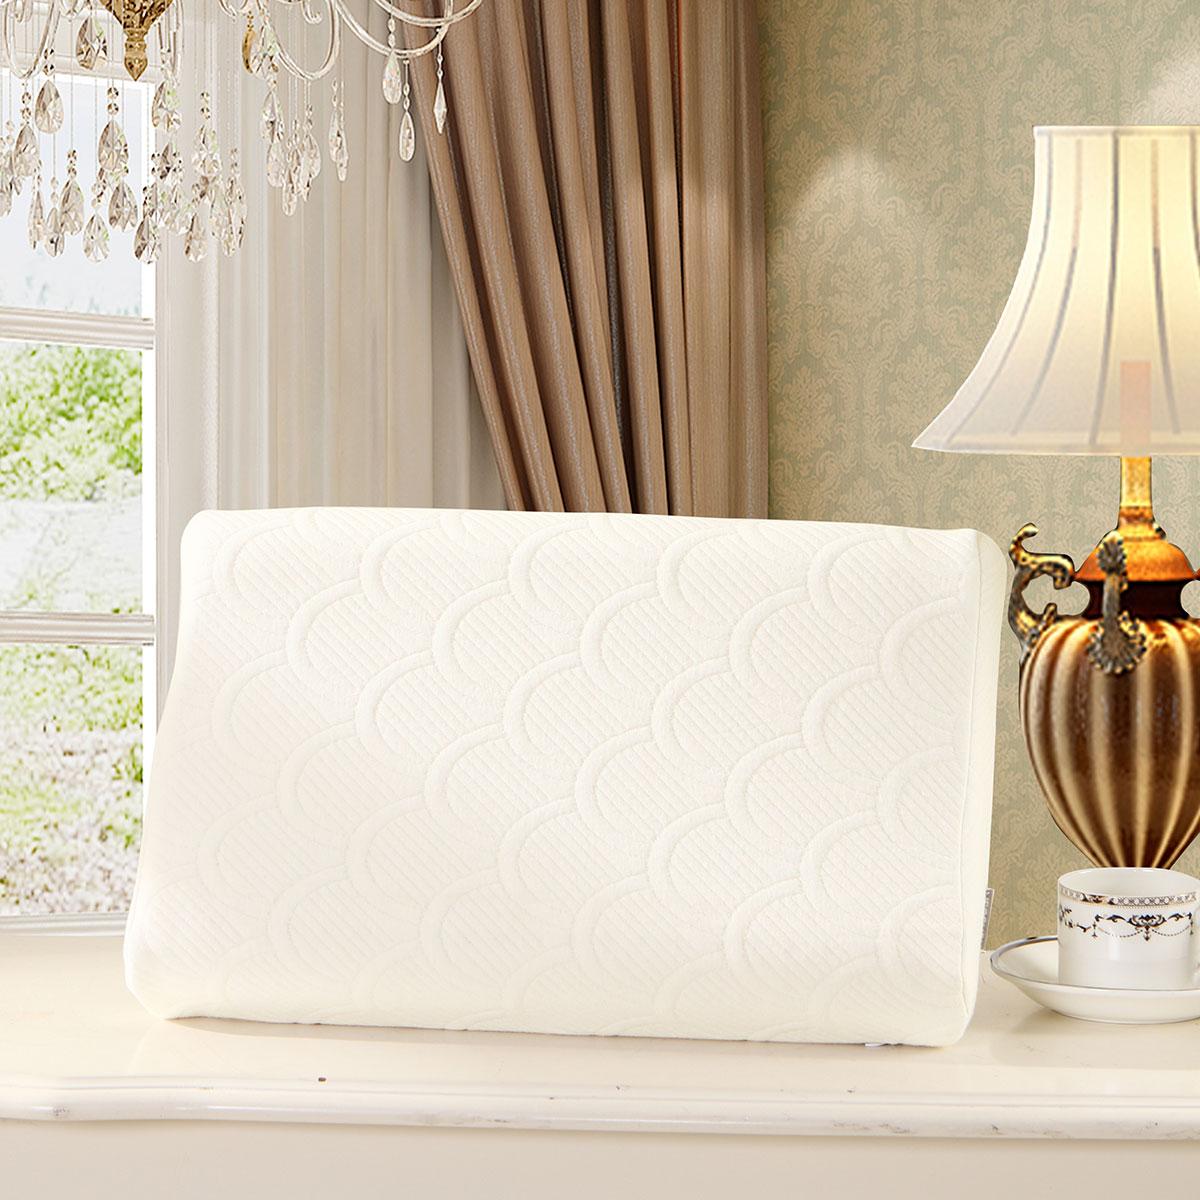 水星家纺 乳胶枕成人睡眠单人枕芯一只装枕头家用护颈椎枕